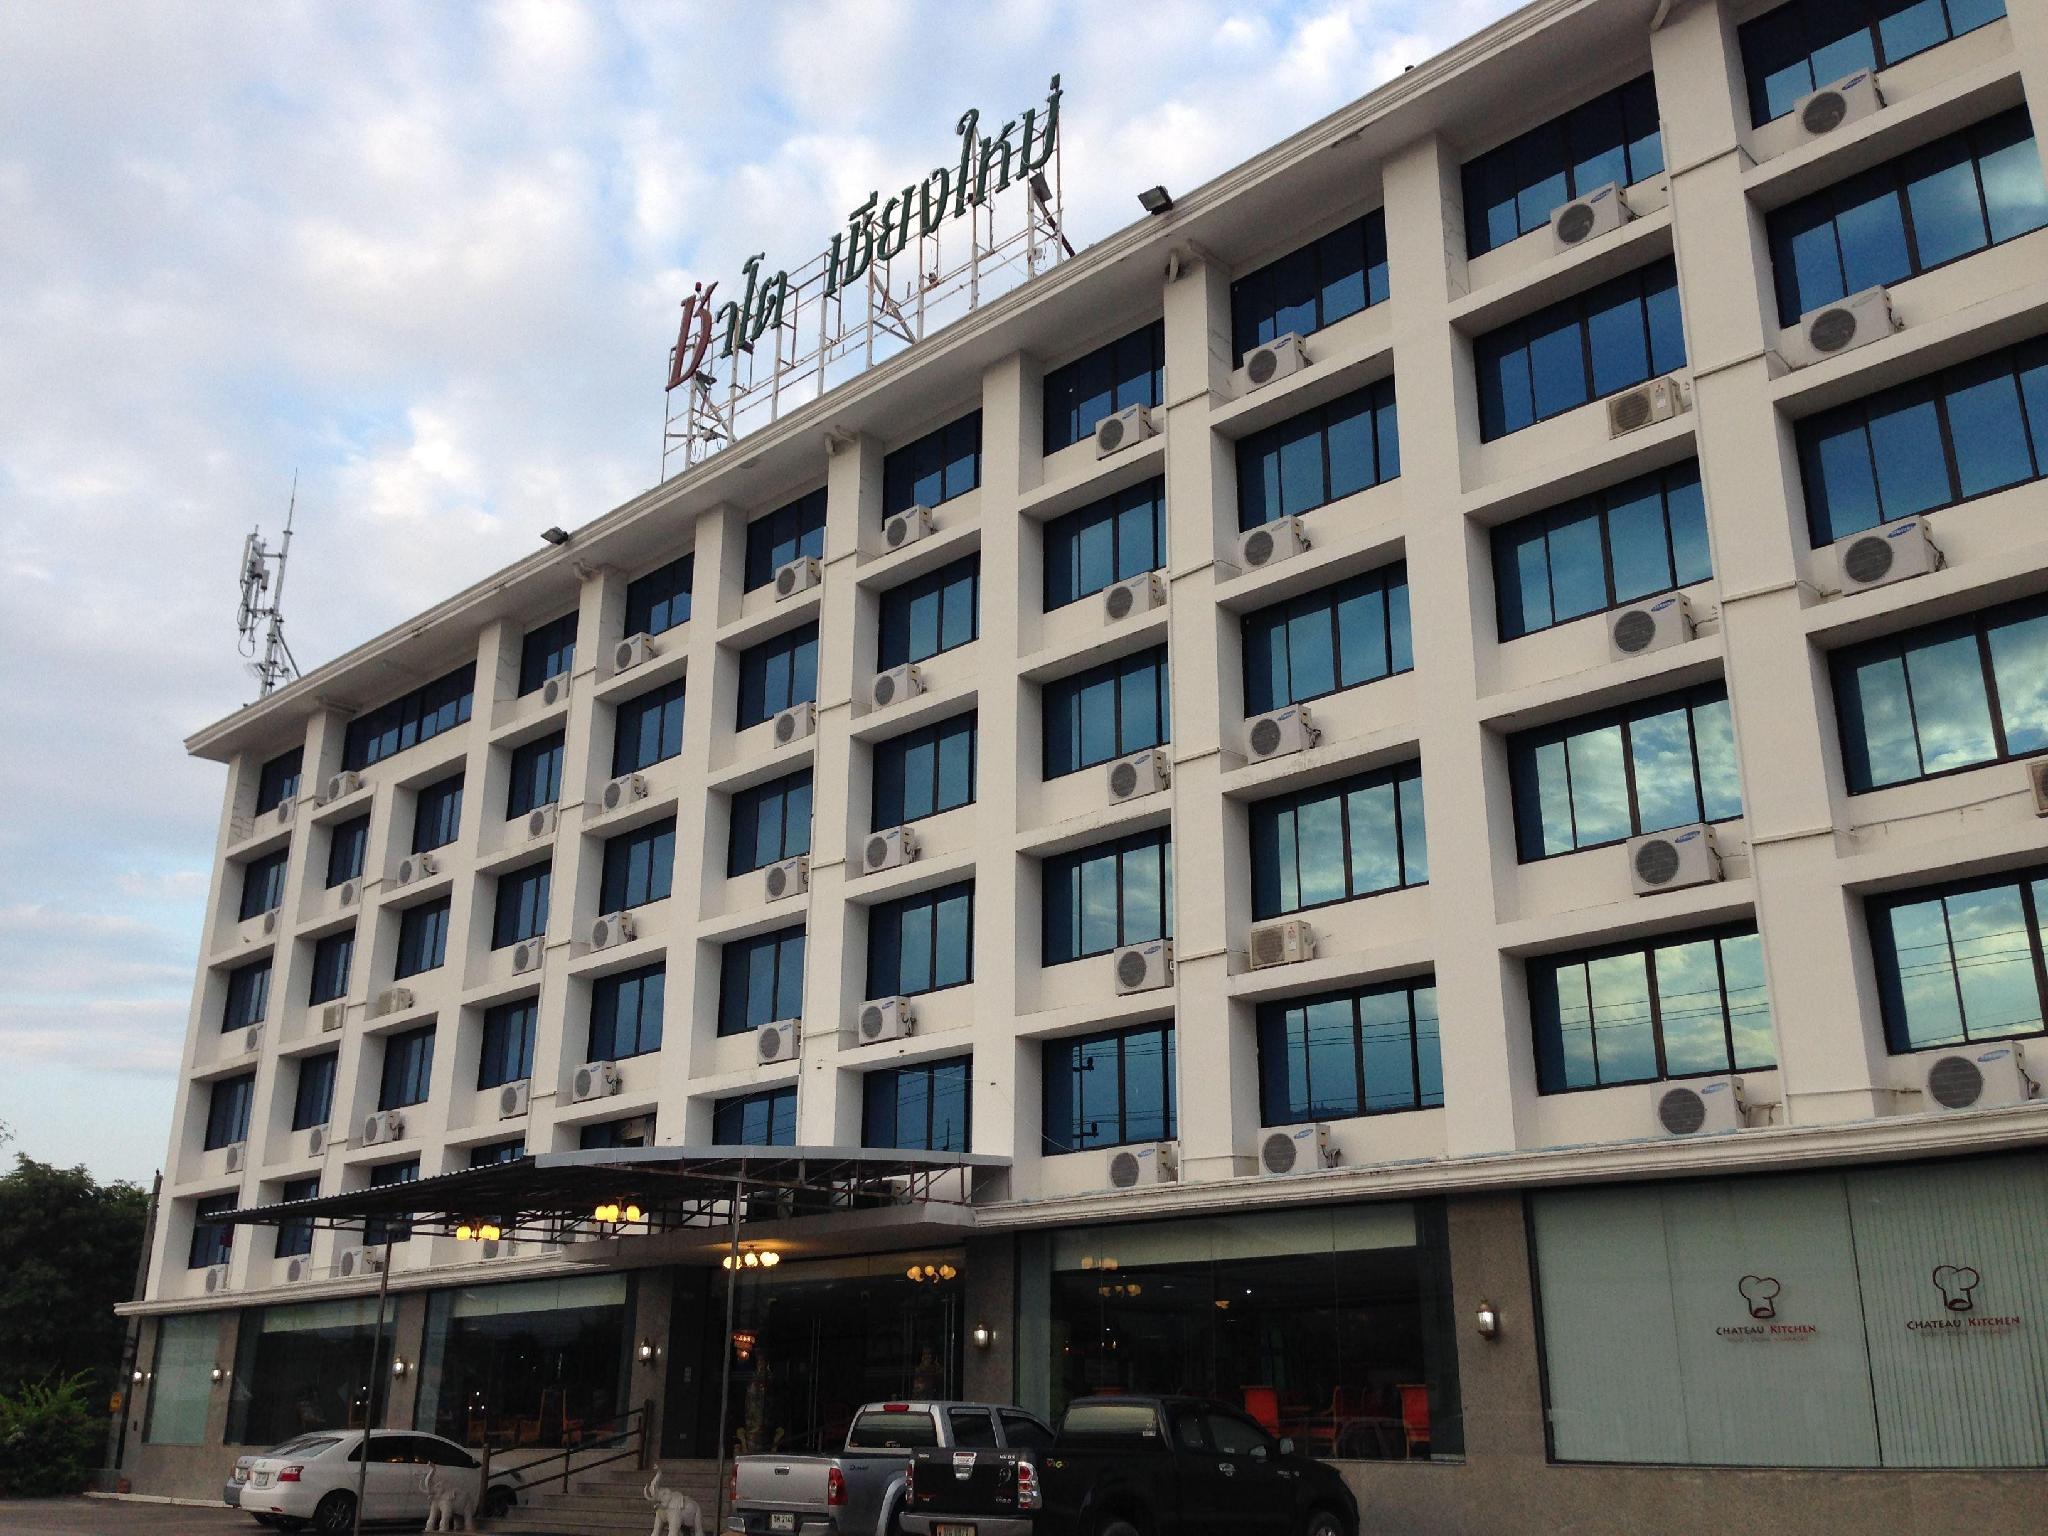 เช็คห้องว่าง ชาโต เชียงใหม่ โฮเต็ล แอนด์ อพาร์ตเมนต์ (Chateau Chiangmai Hotel & Apartment)